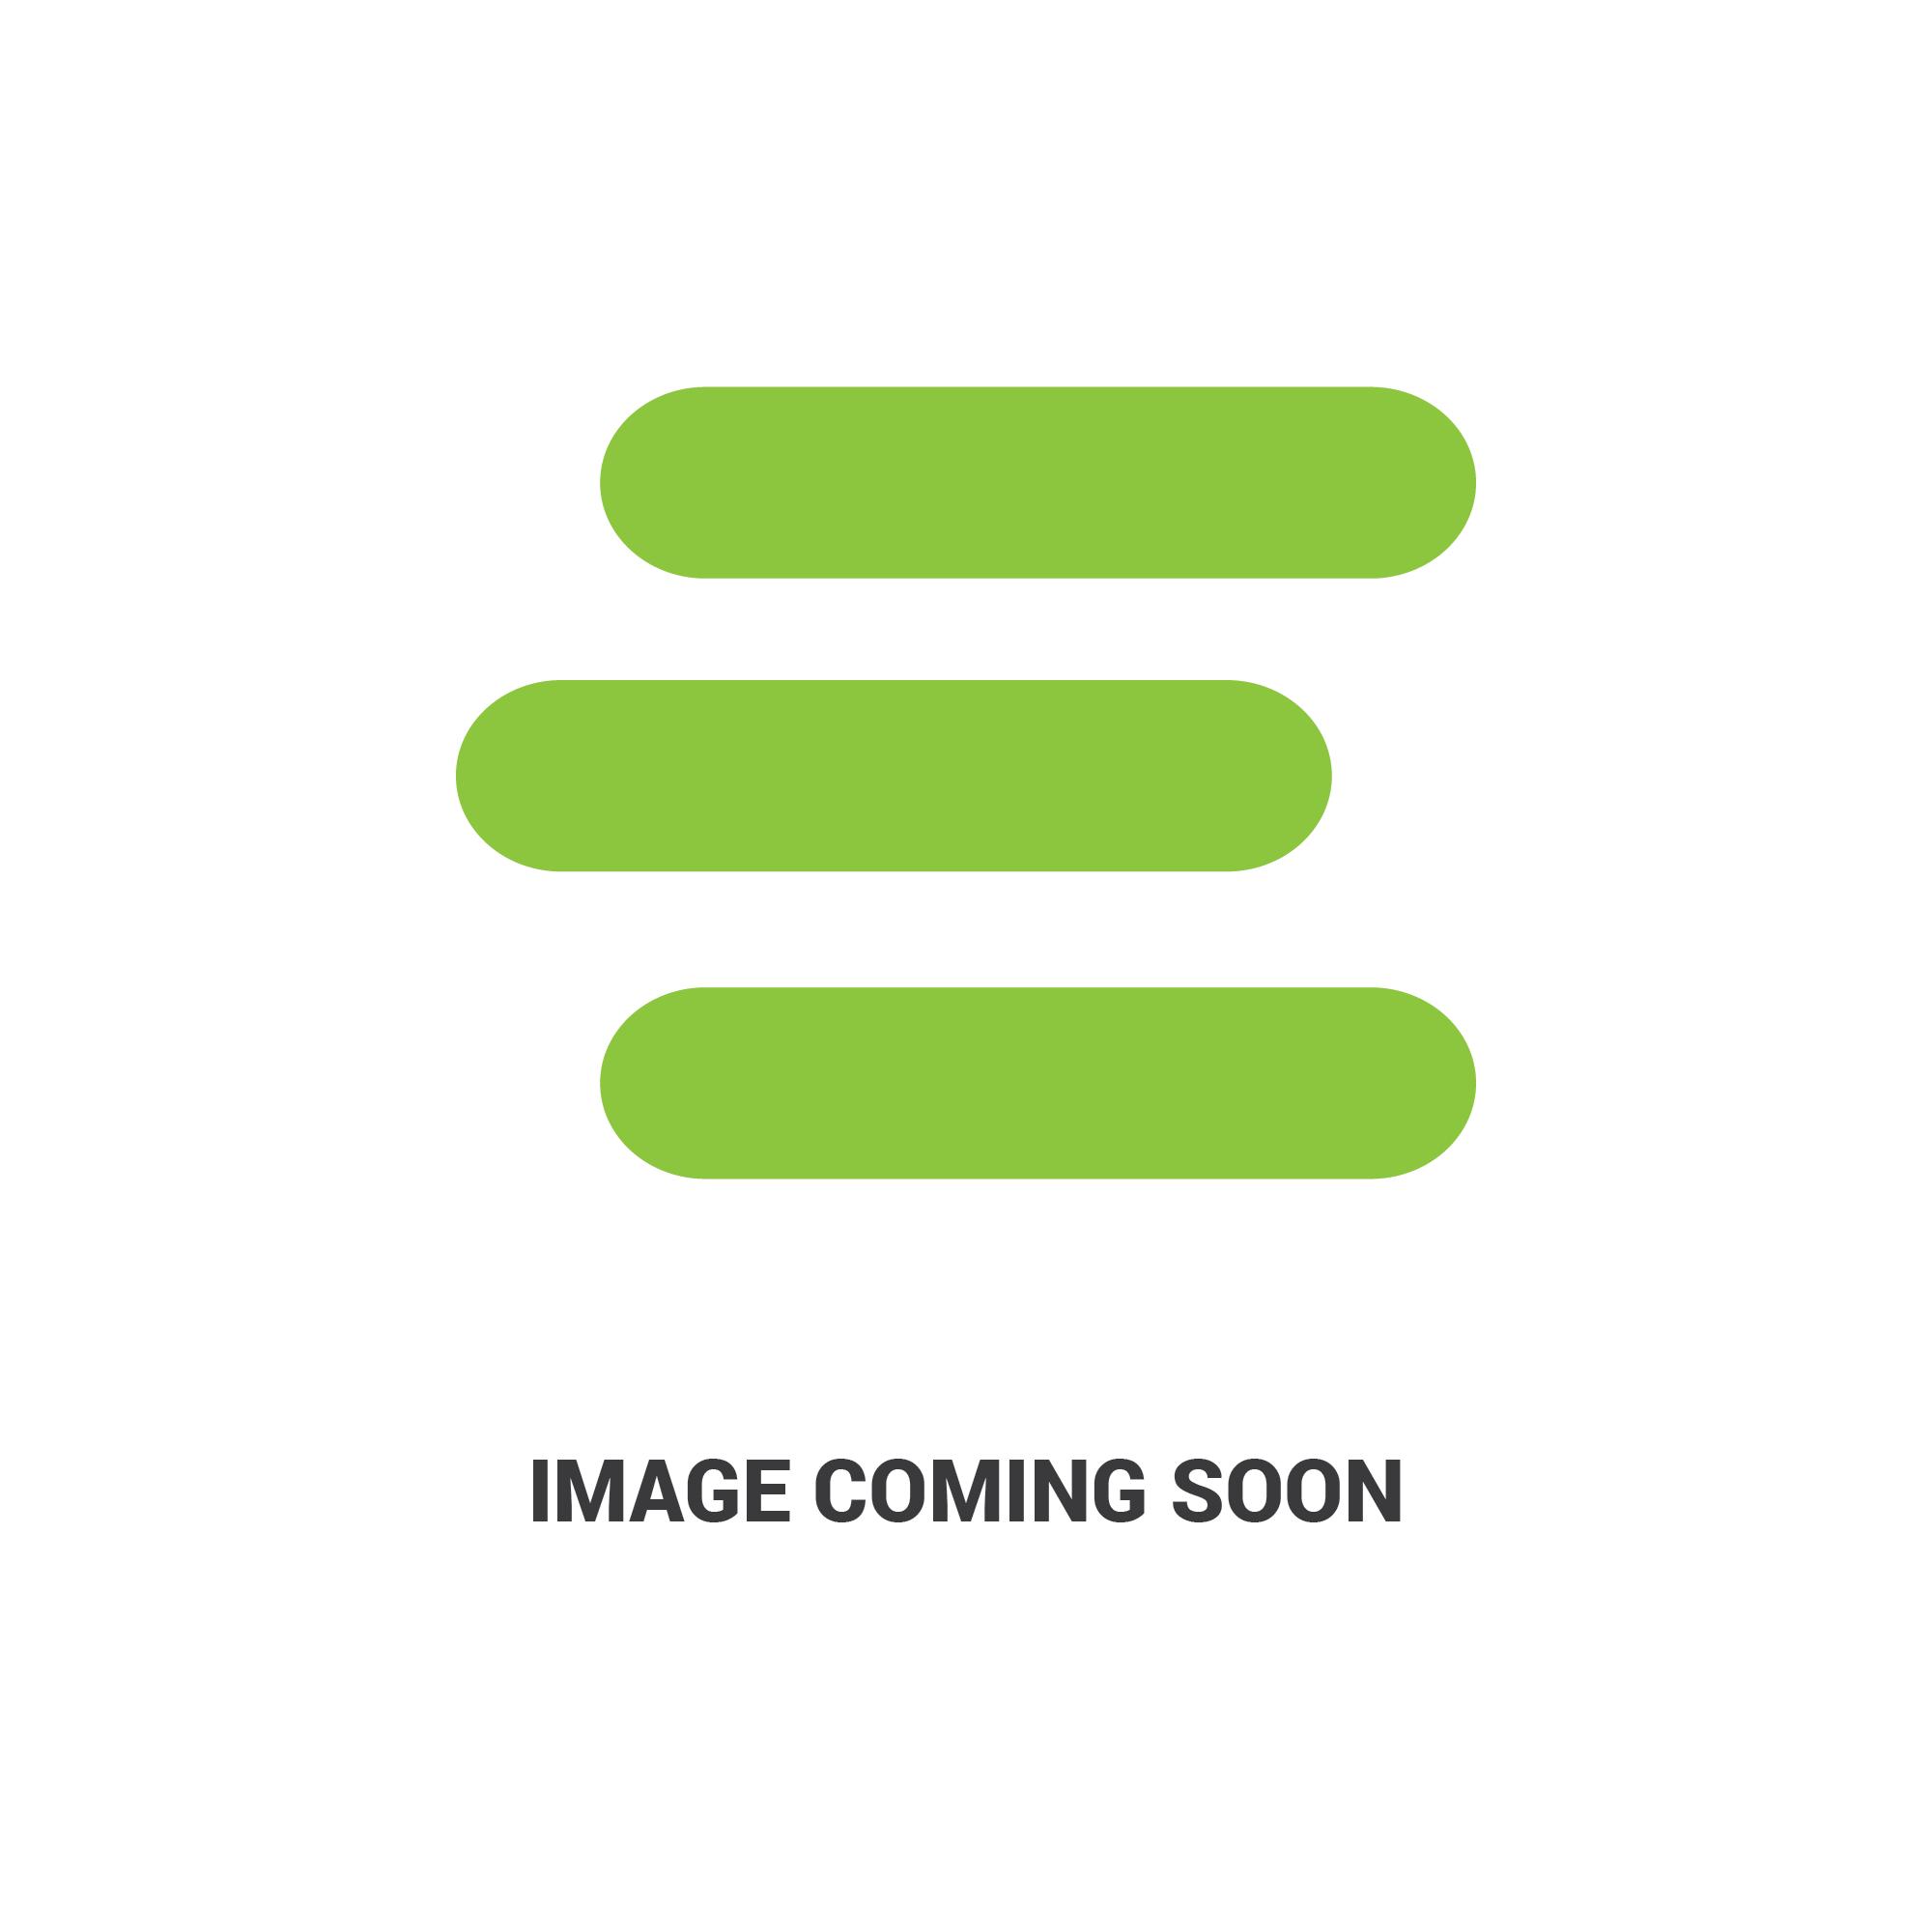 E-3C081-29814edit 4.jpg